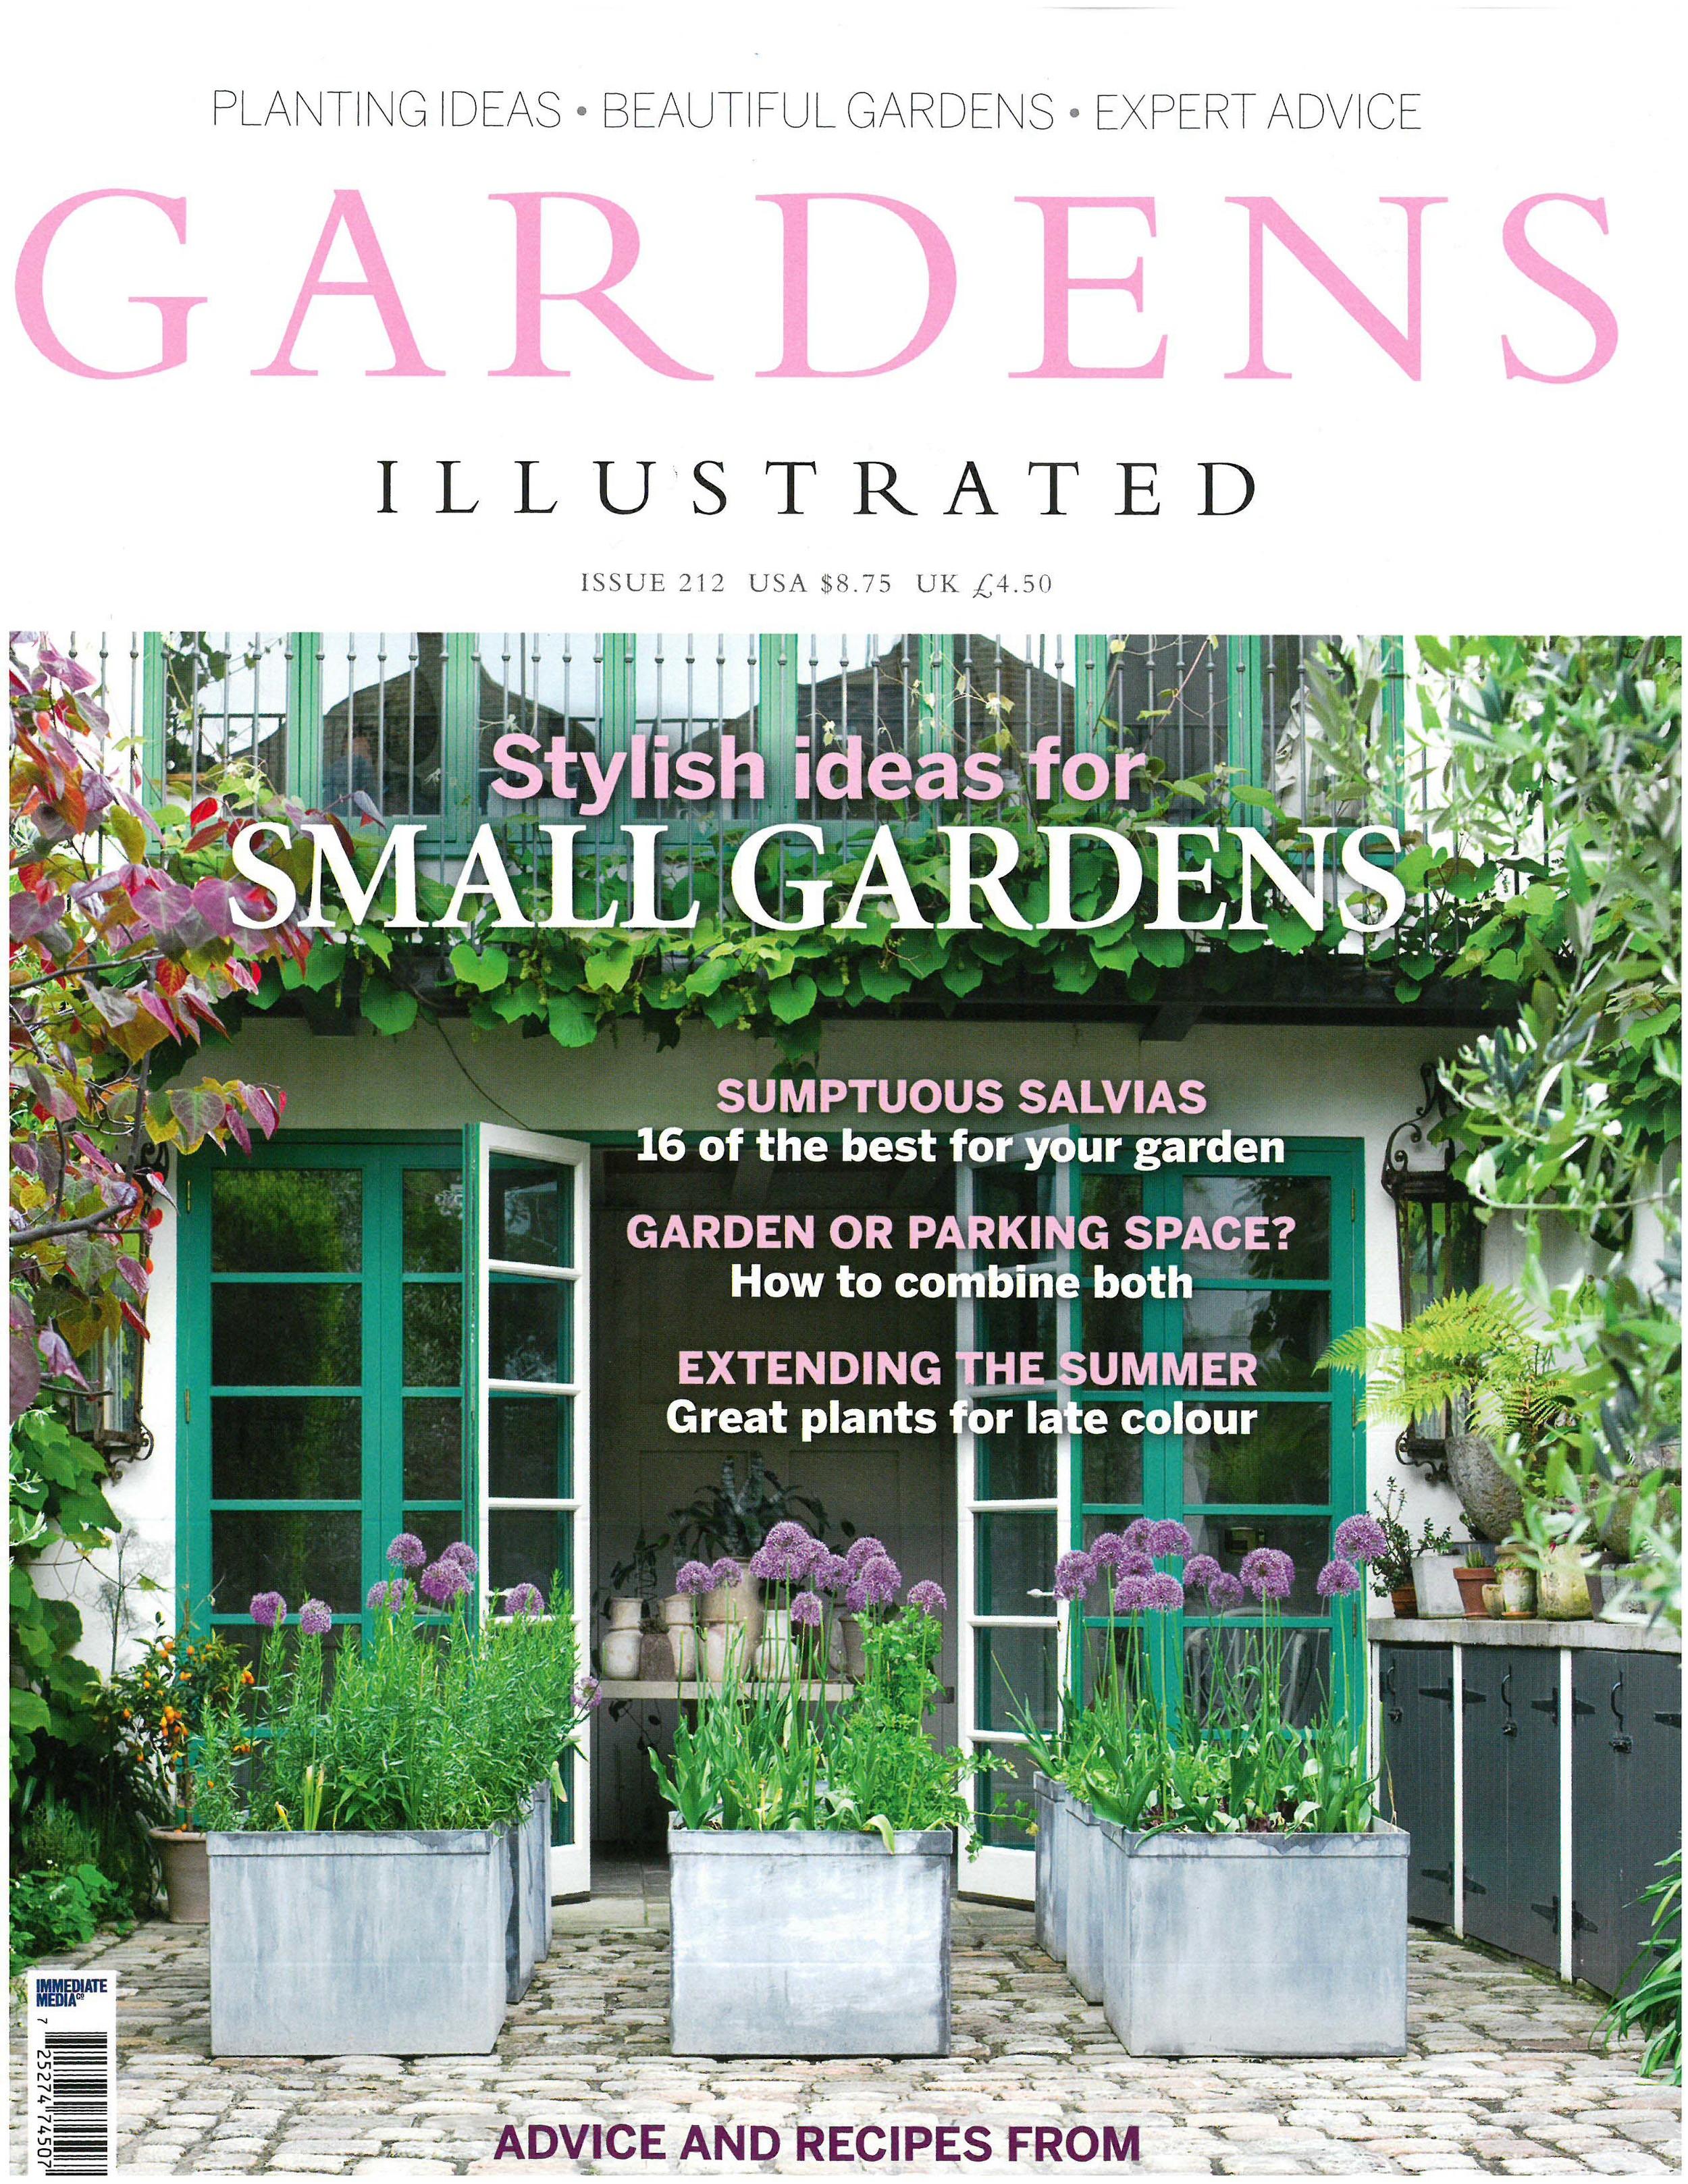 Gardens Illustrated Cover Aug 2014.jpg